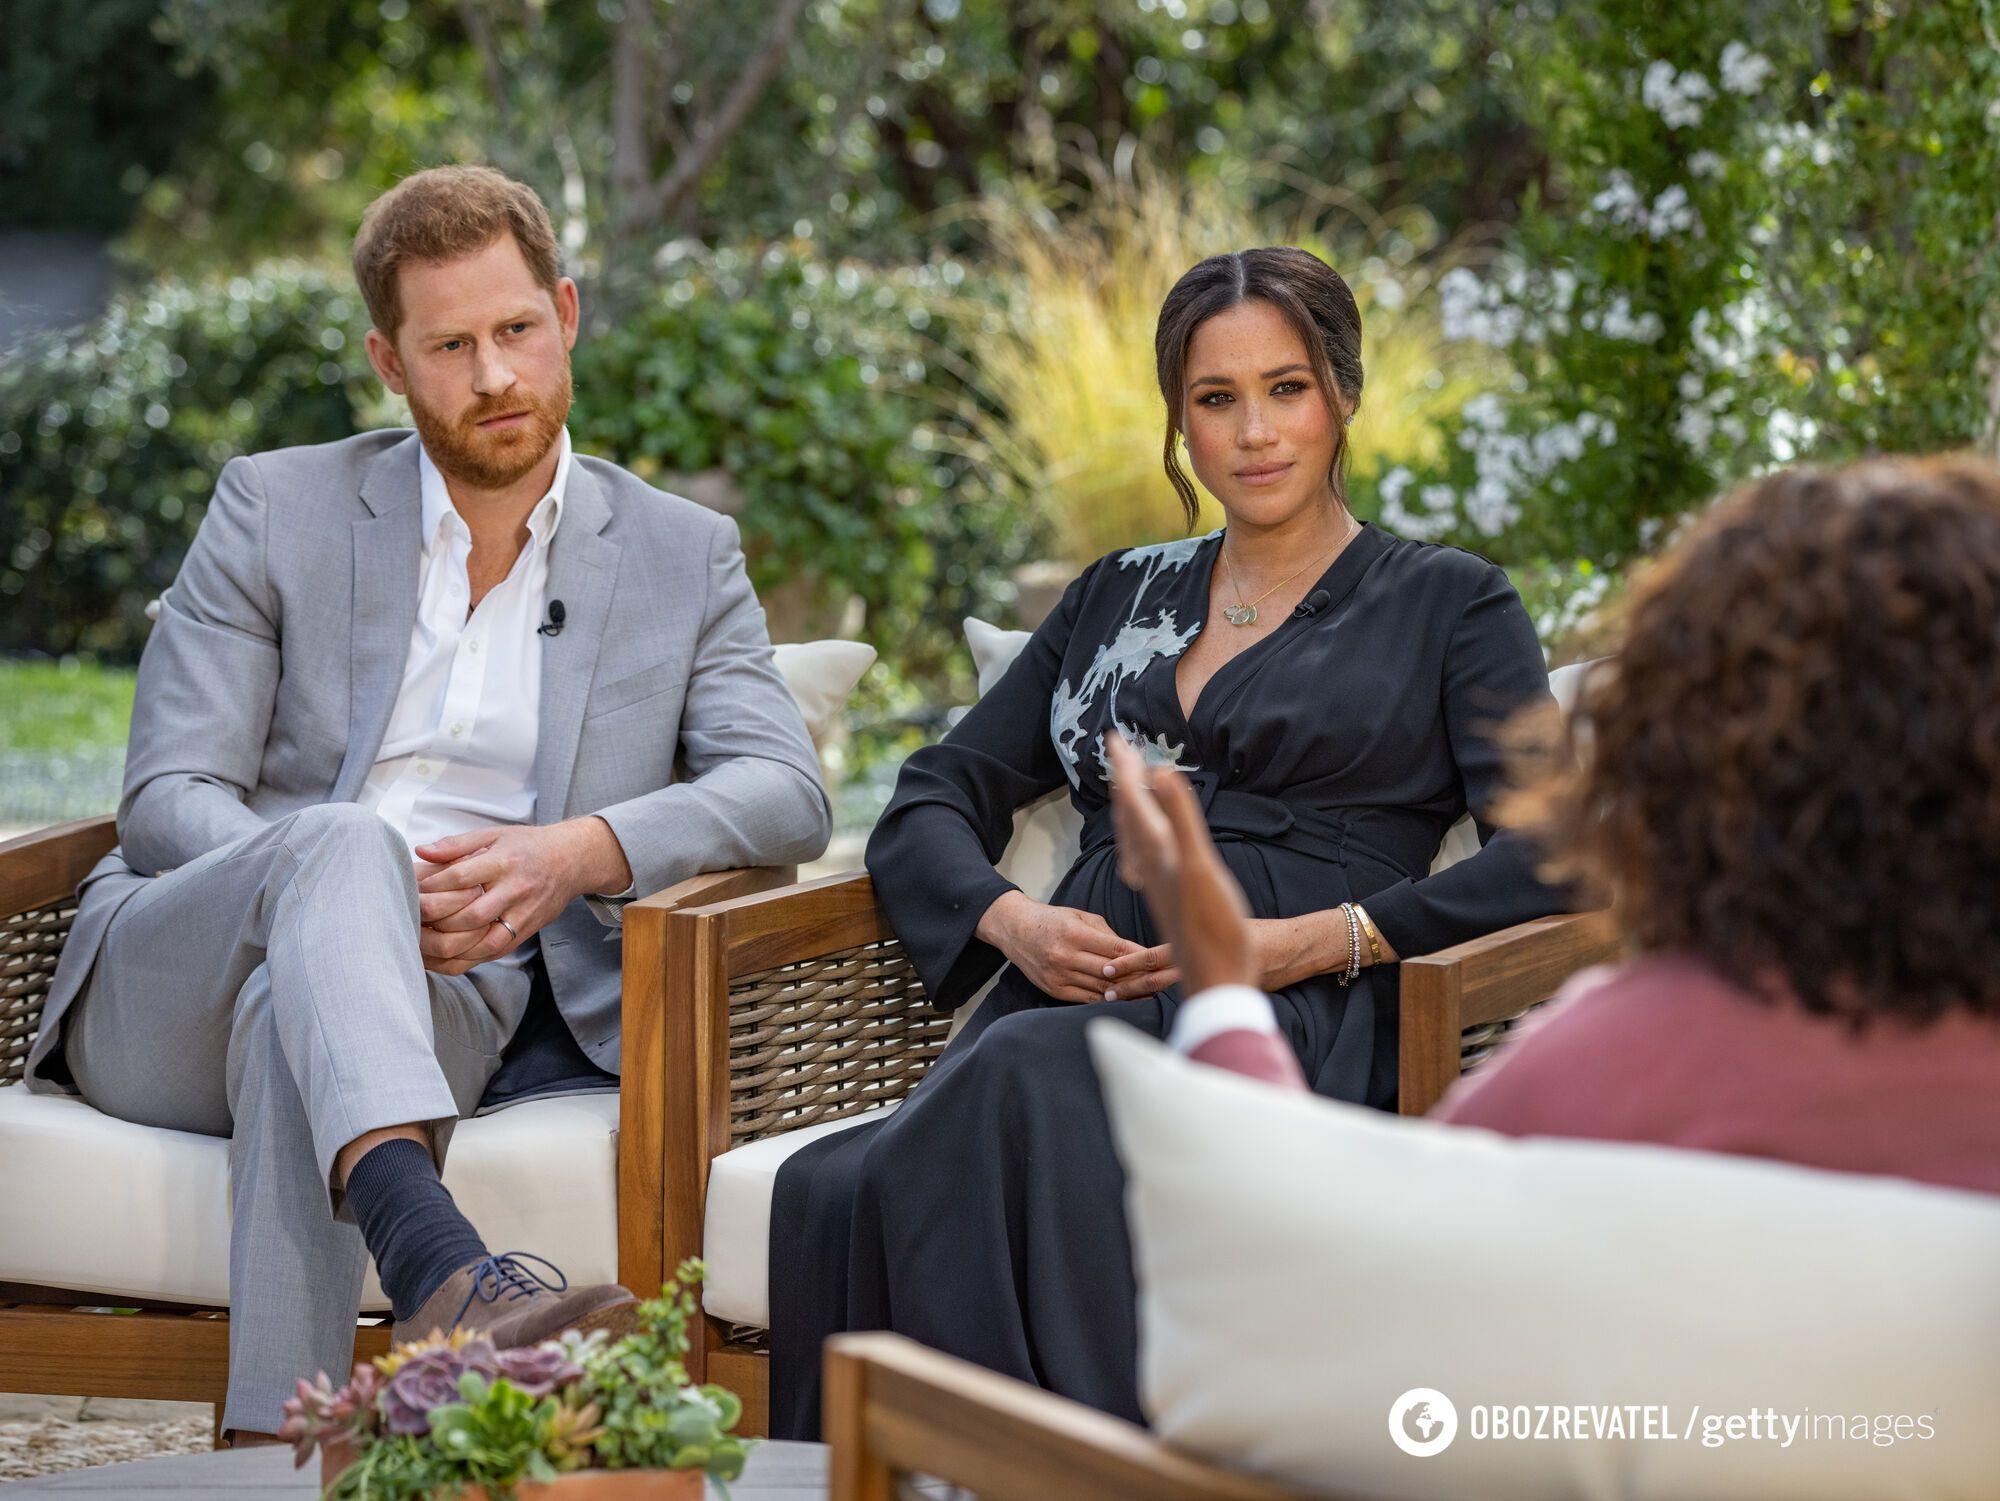 Принц Гарри и Меган Маркл дали скандальное интервью Опре Уинфри